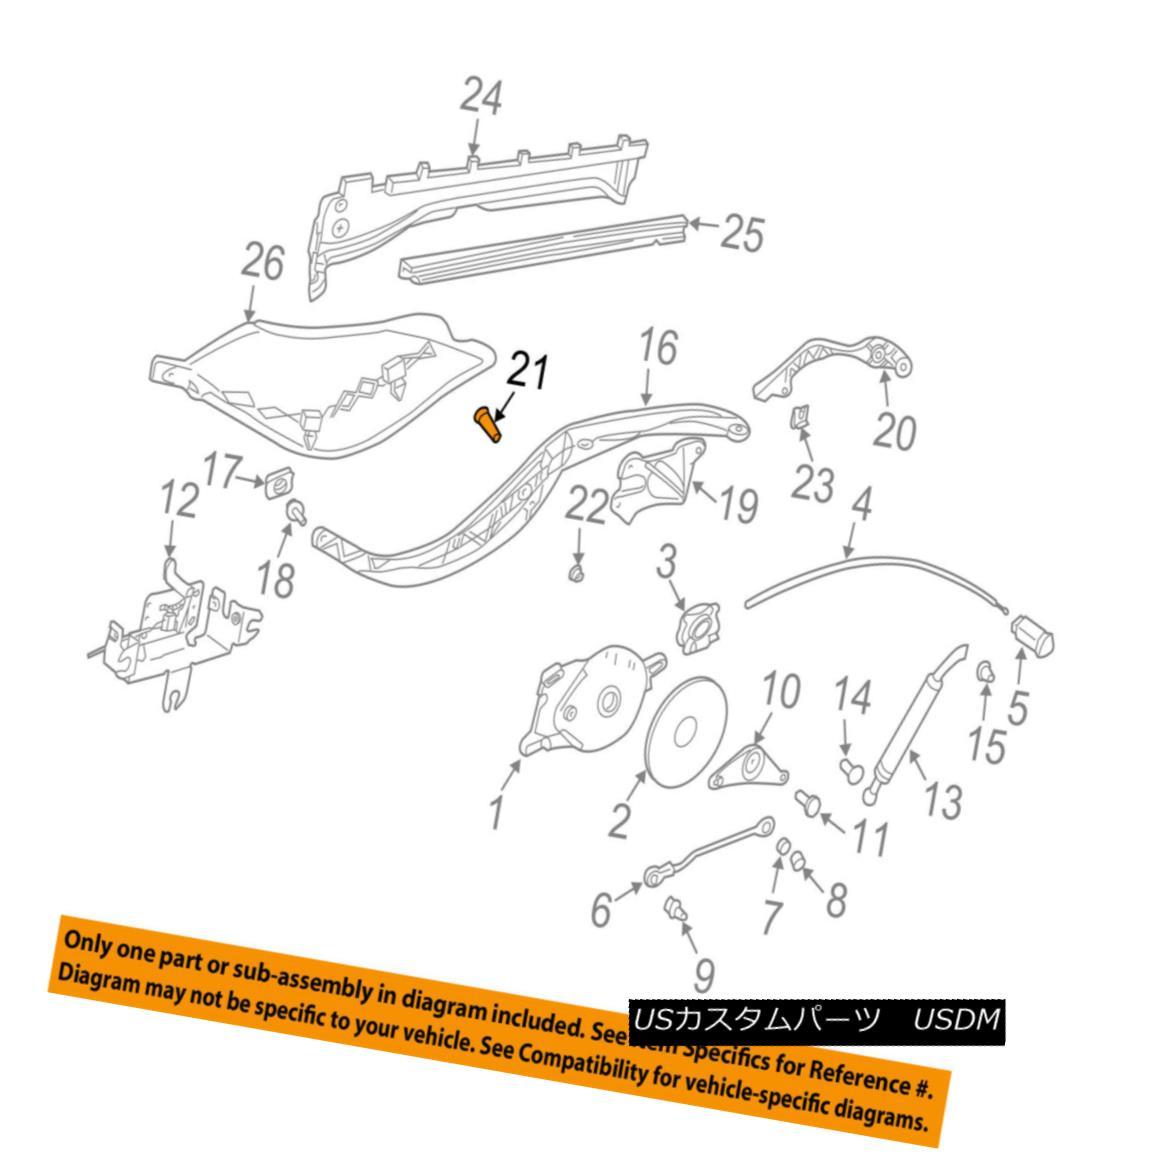 幌・ソフトトップ PORSCHE OEM Boxster Motor-Convertible/soft Top-Hinge Plate Bolt 99908802730 PORSCHE OEMボクスターモーターコンバーチブルble /ソフトトップヒンジプレートボルト99908802730